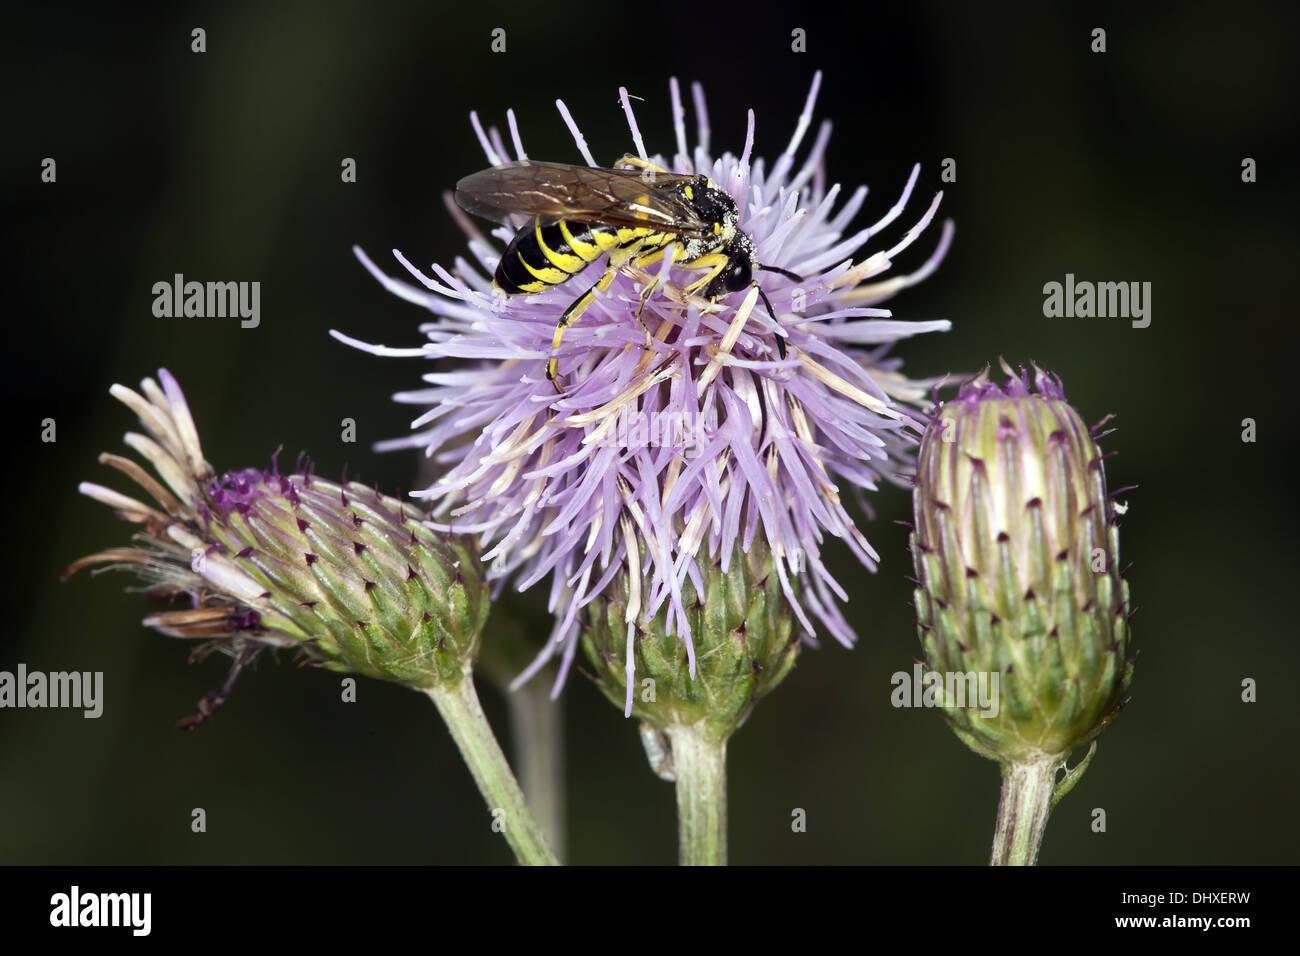 Common Sawfly, Tenthredo nothaStock Photo